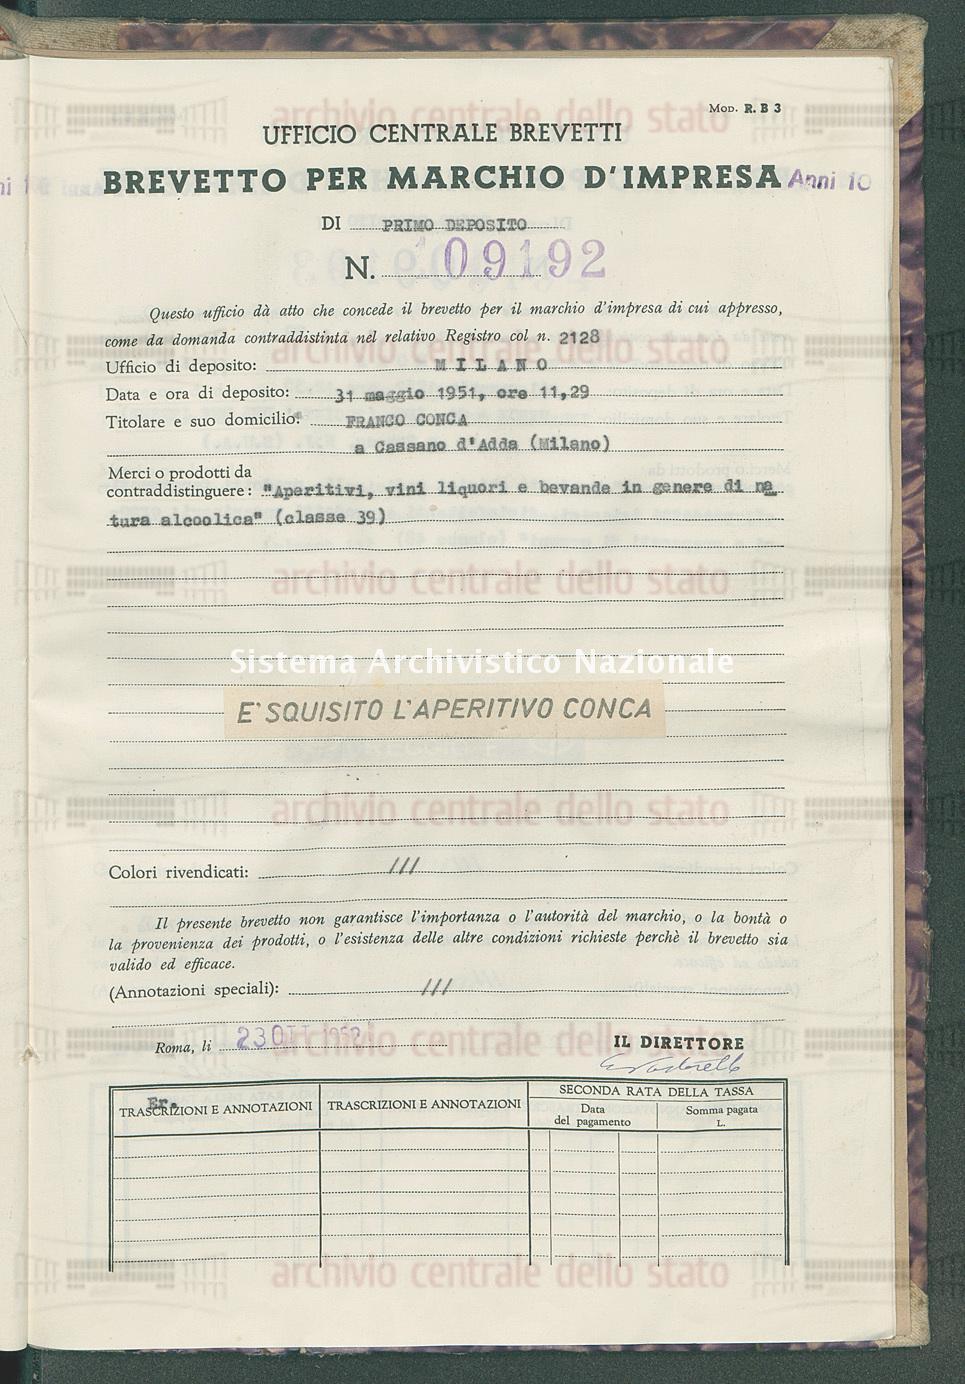 'Aperitivi, vini liquori e bevande in genere di natura alcoolica' Franco Conca (23/10/1952)